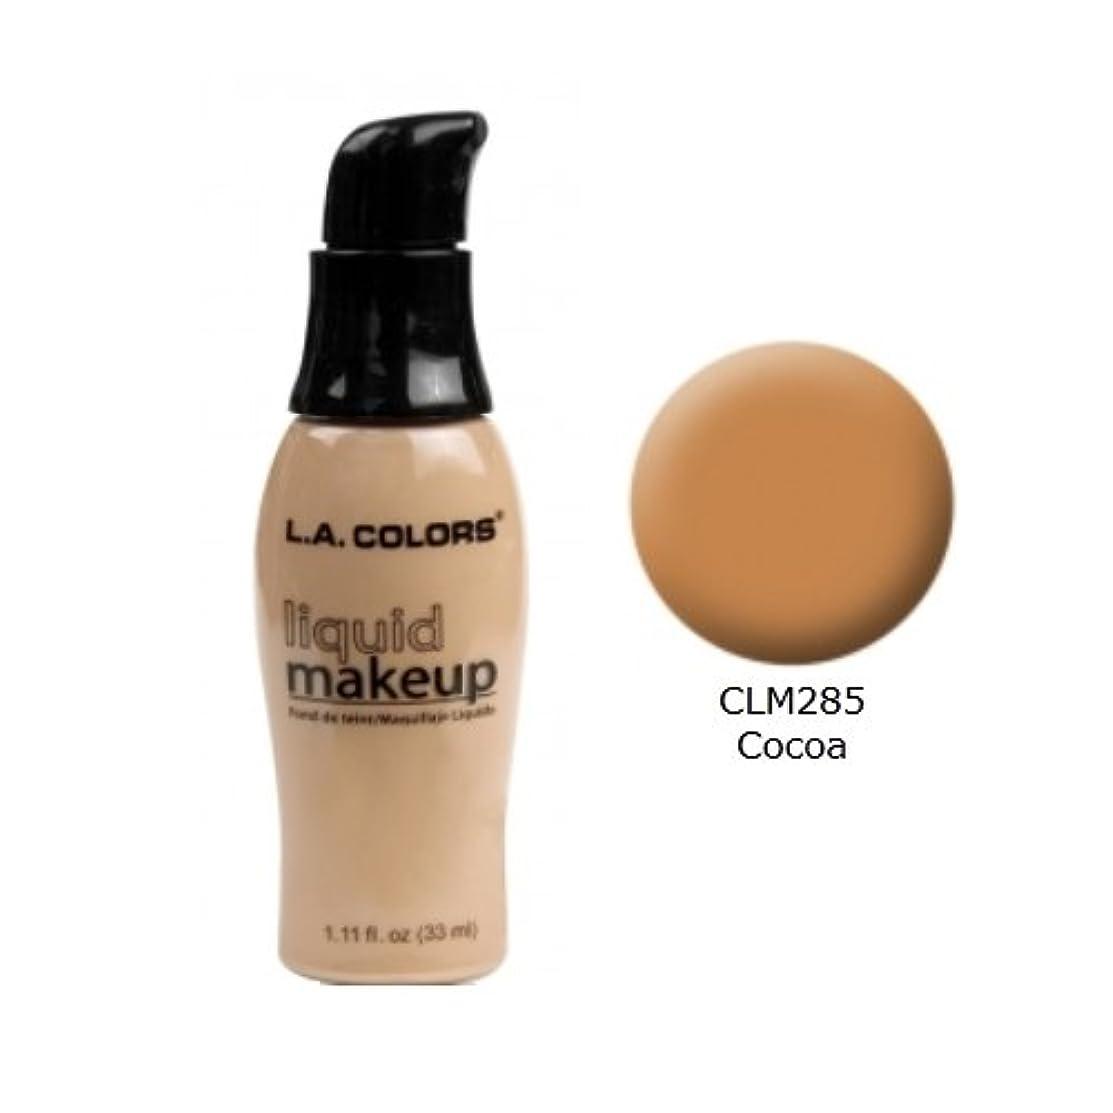 位置するゾーンボア(3 Pack) LA COLORS Liquid Makeup - Cocoa (並行輸入品)